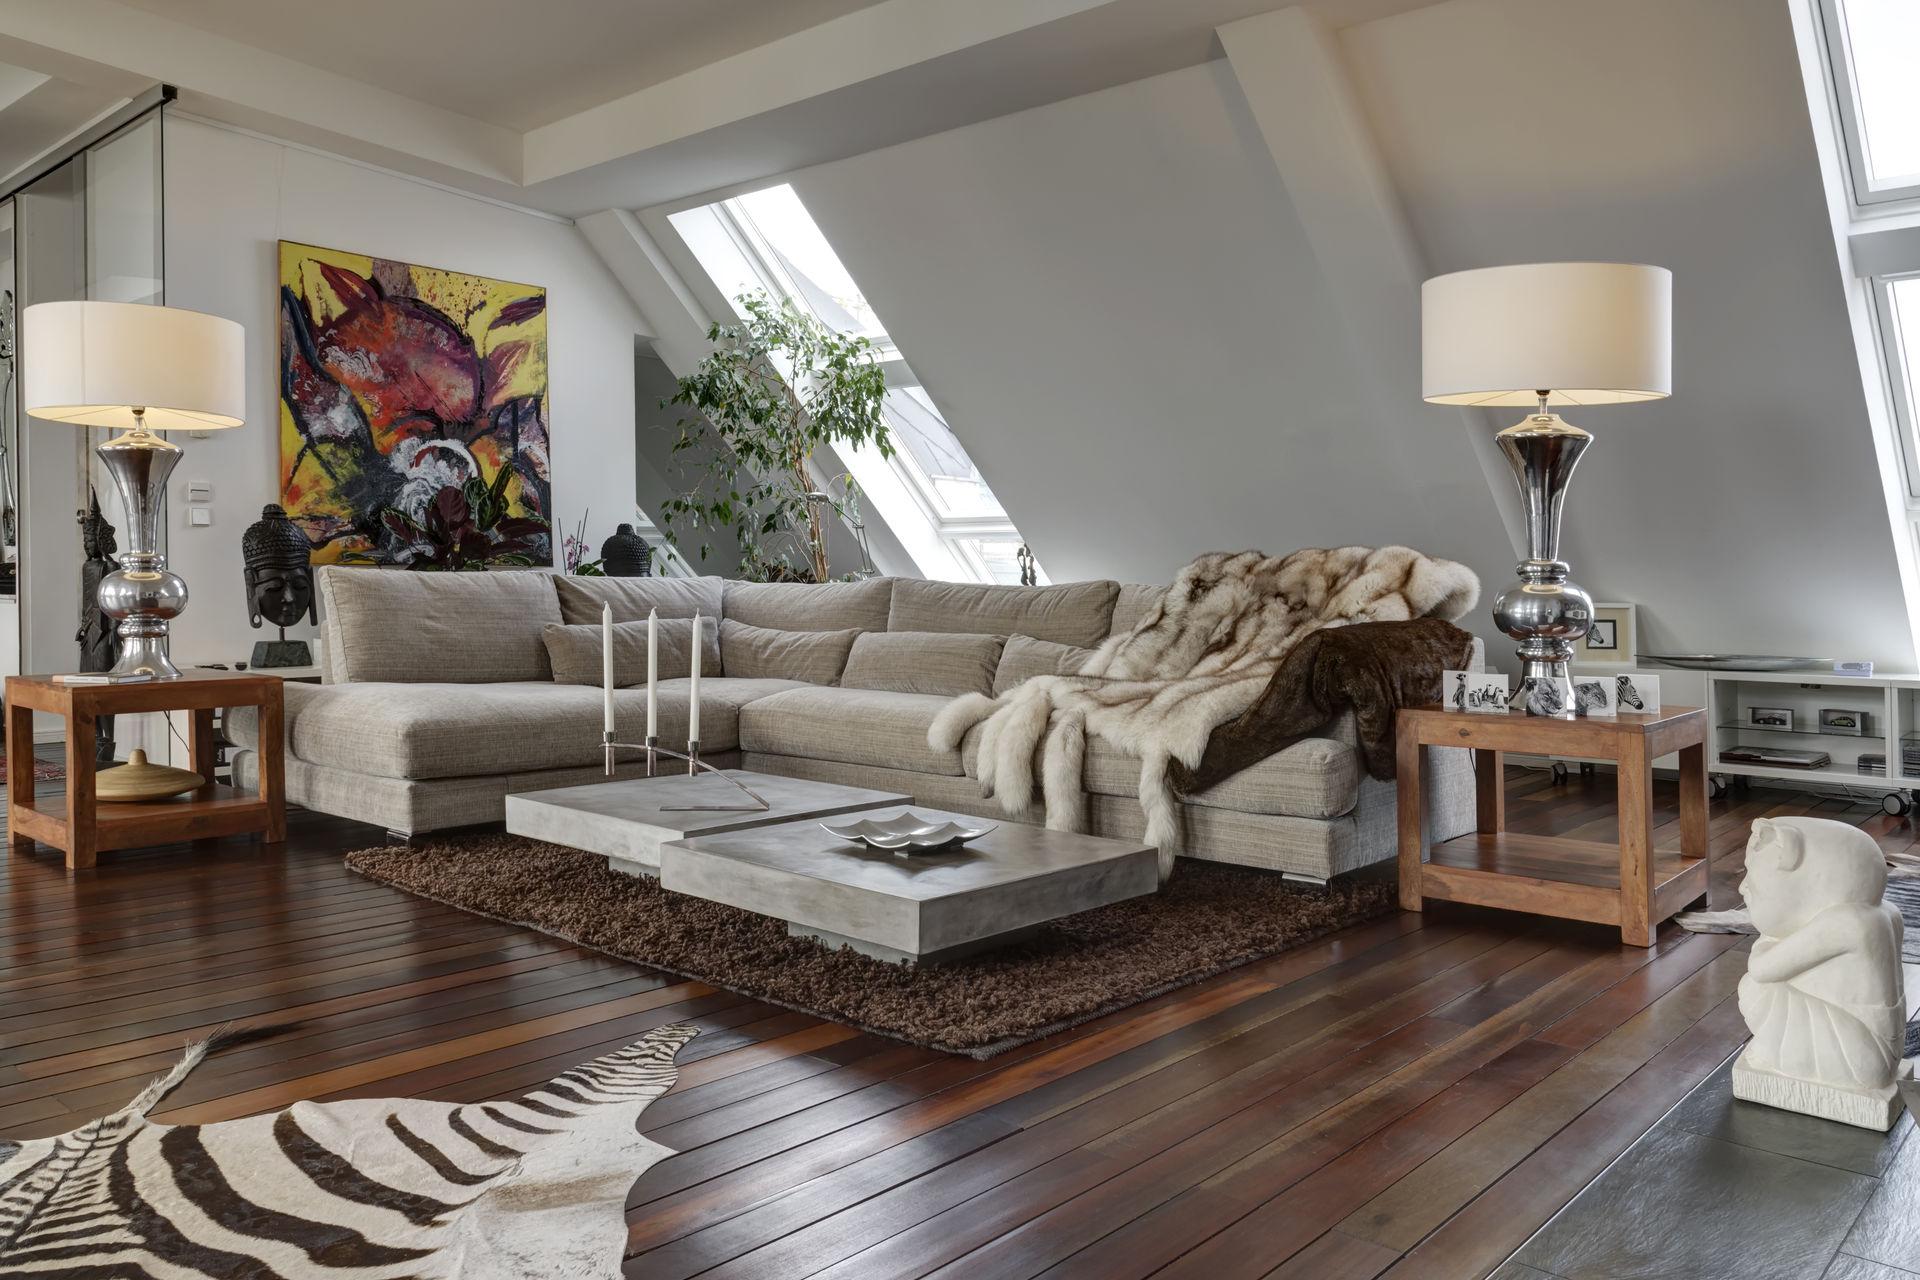 luxuri se dachgeschosswohnung mit terrasse und whirlpool farawayhome. Black Bedroom Furniture Sets. Home Design Ideas